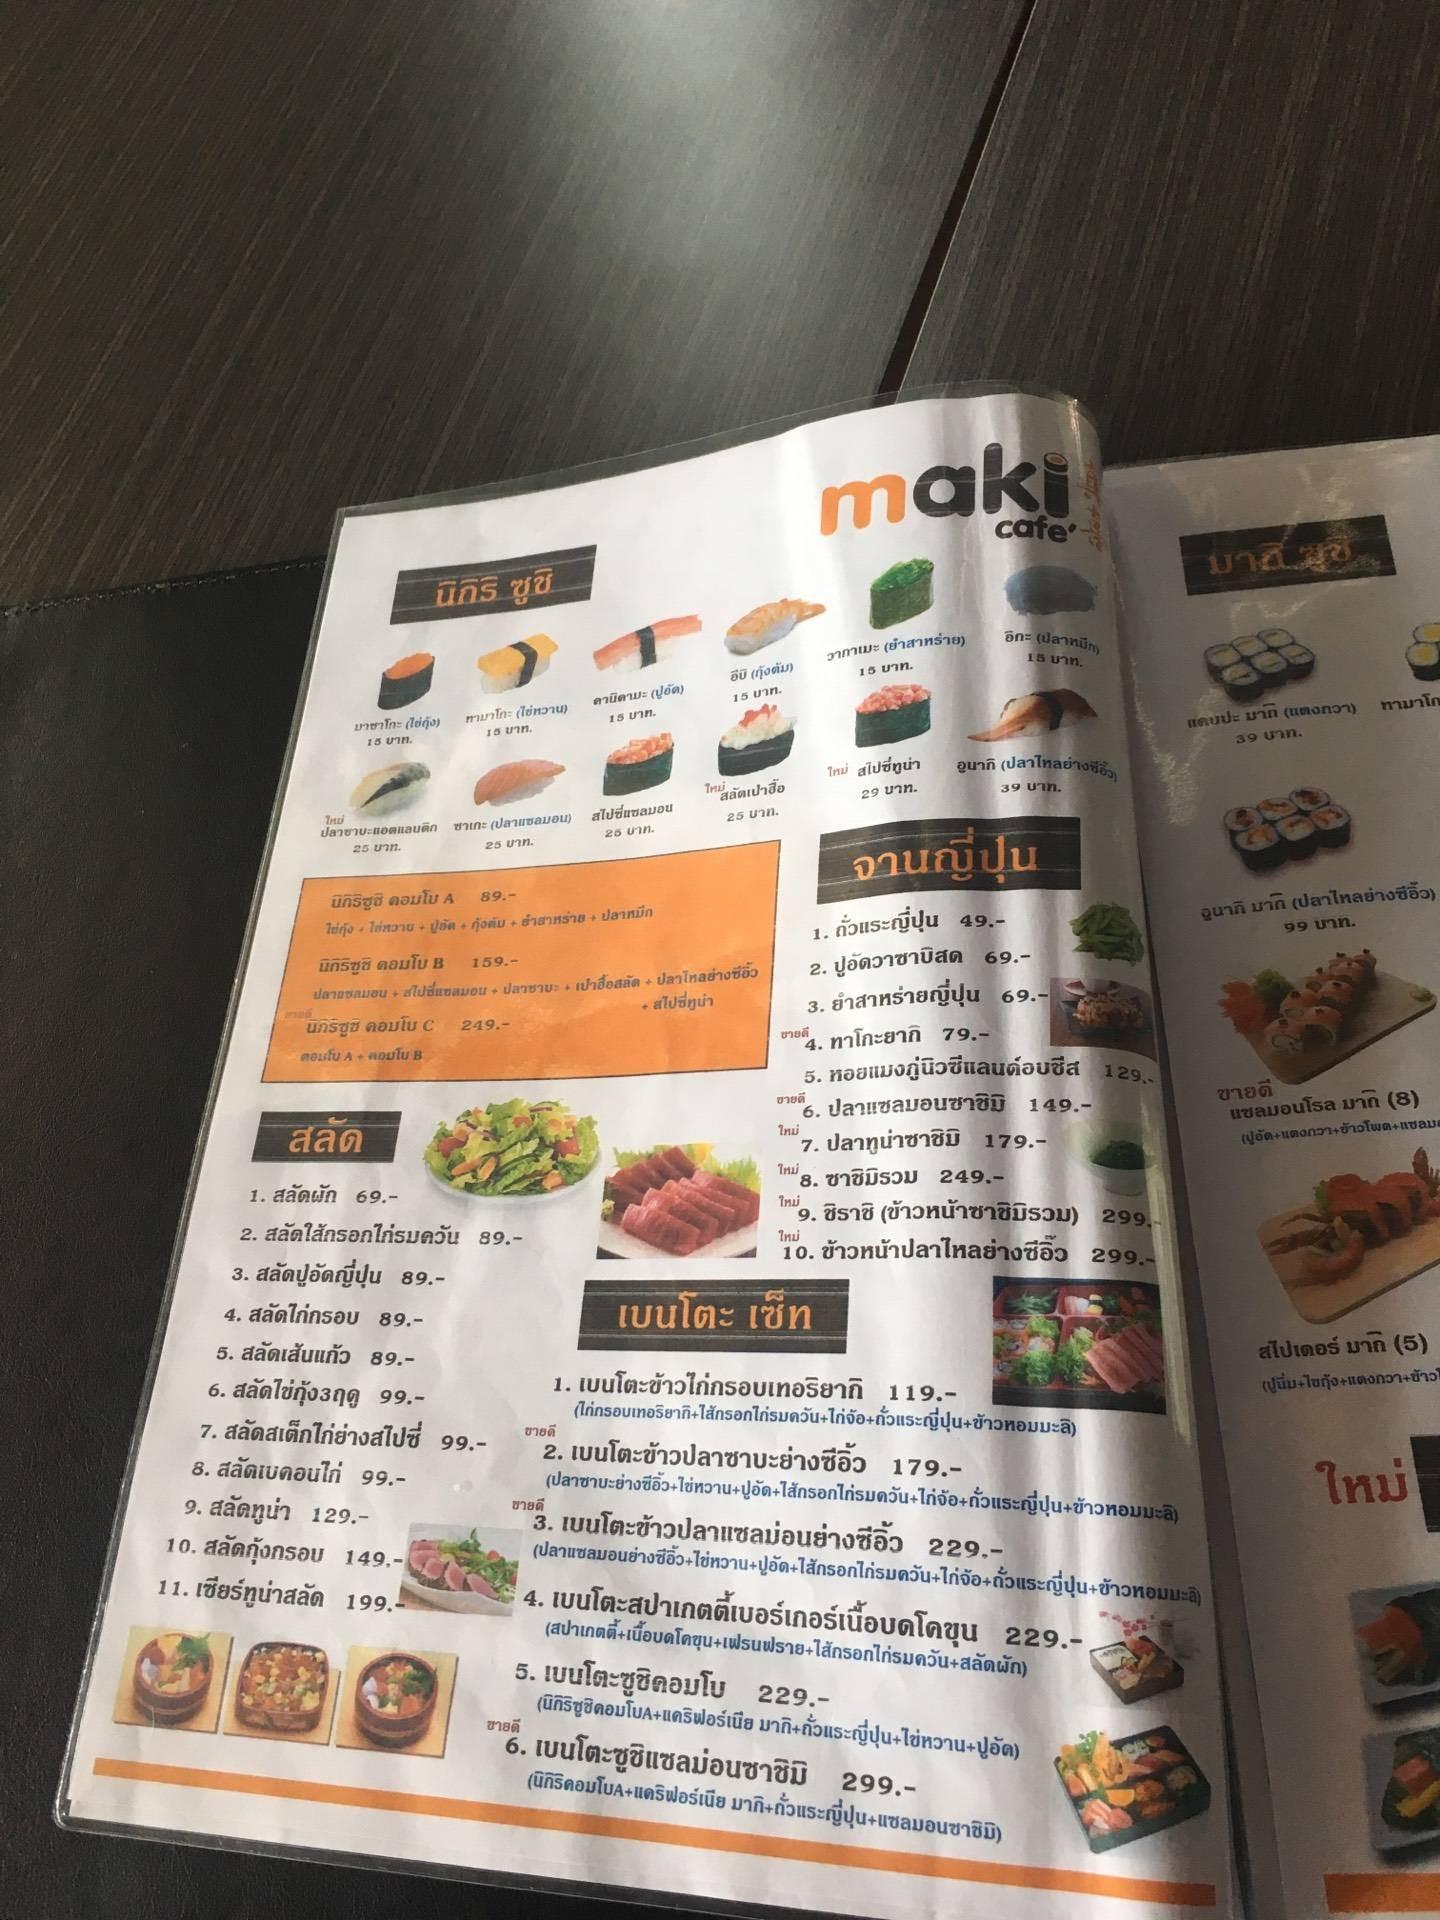 Maki Cafe & Berry